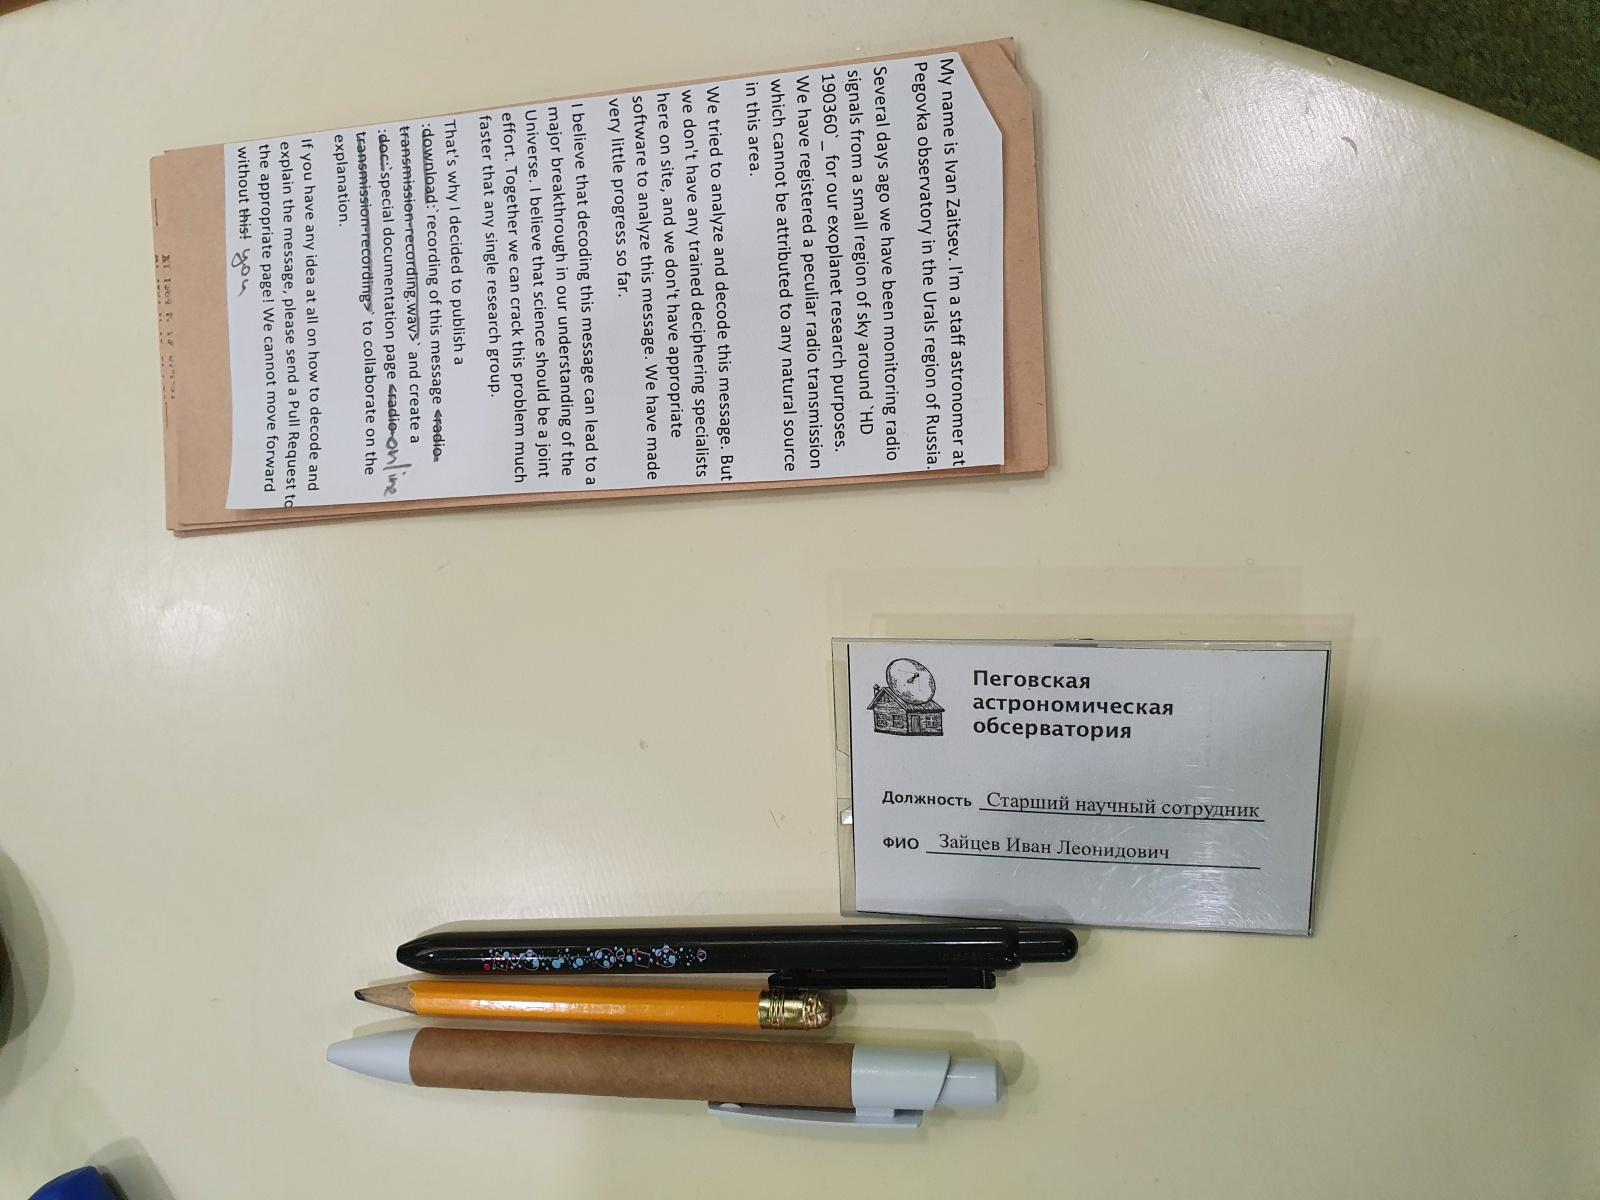 Перфокарта с текстом, бейджик Пеговской обсерватории и карандаш